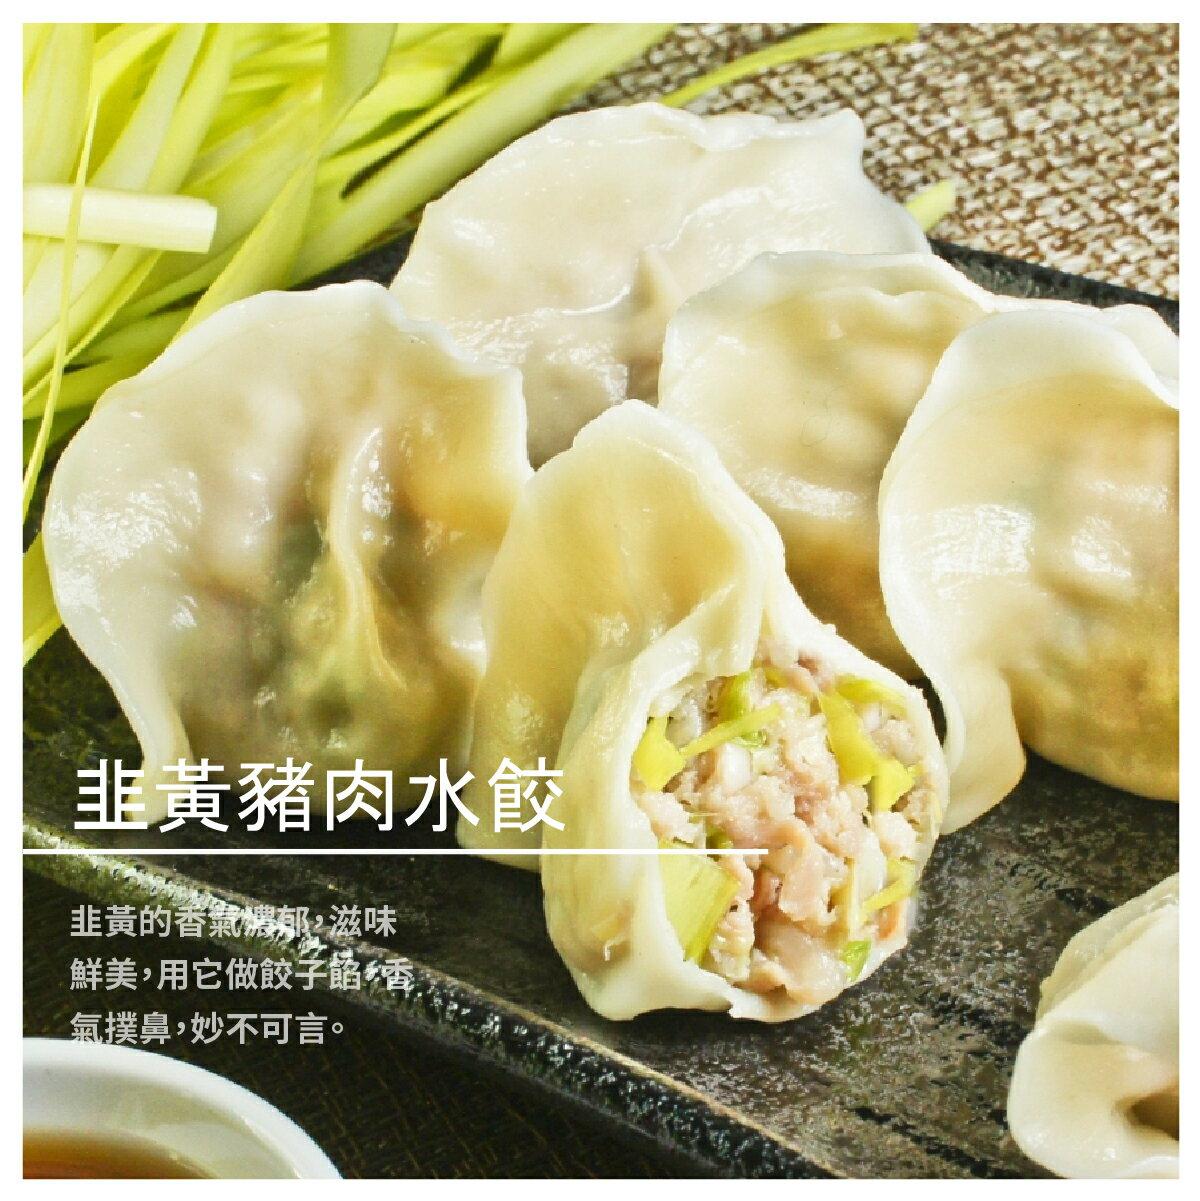 【阿玉水餃專賣店】韭黃豬肉水餃/盒